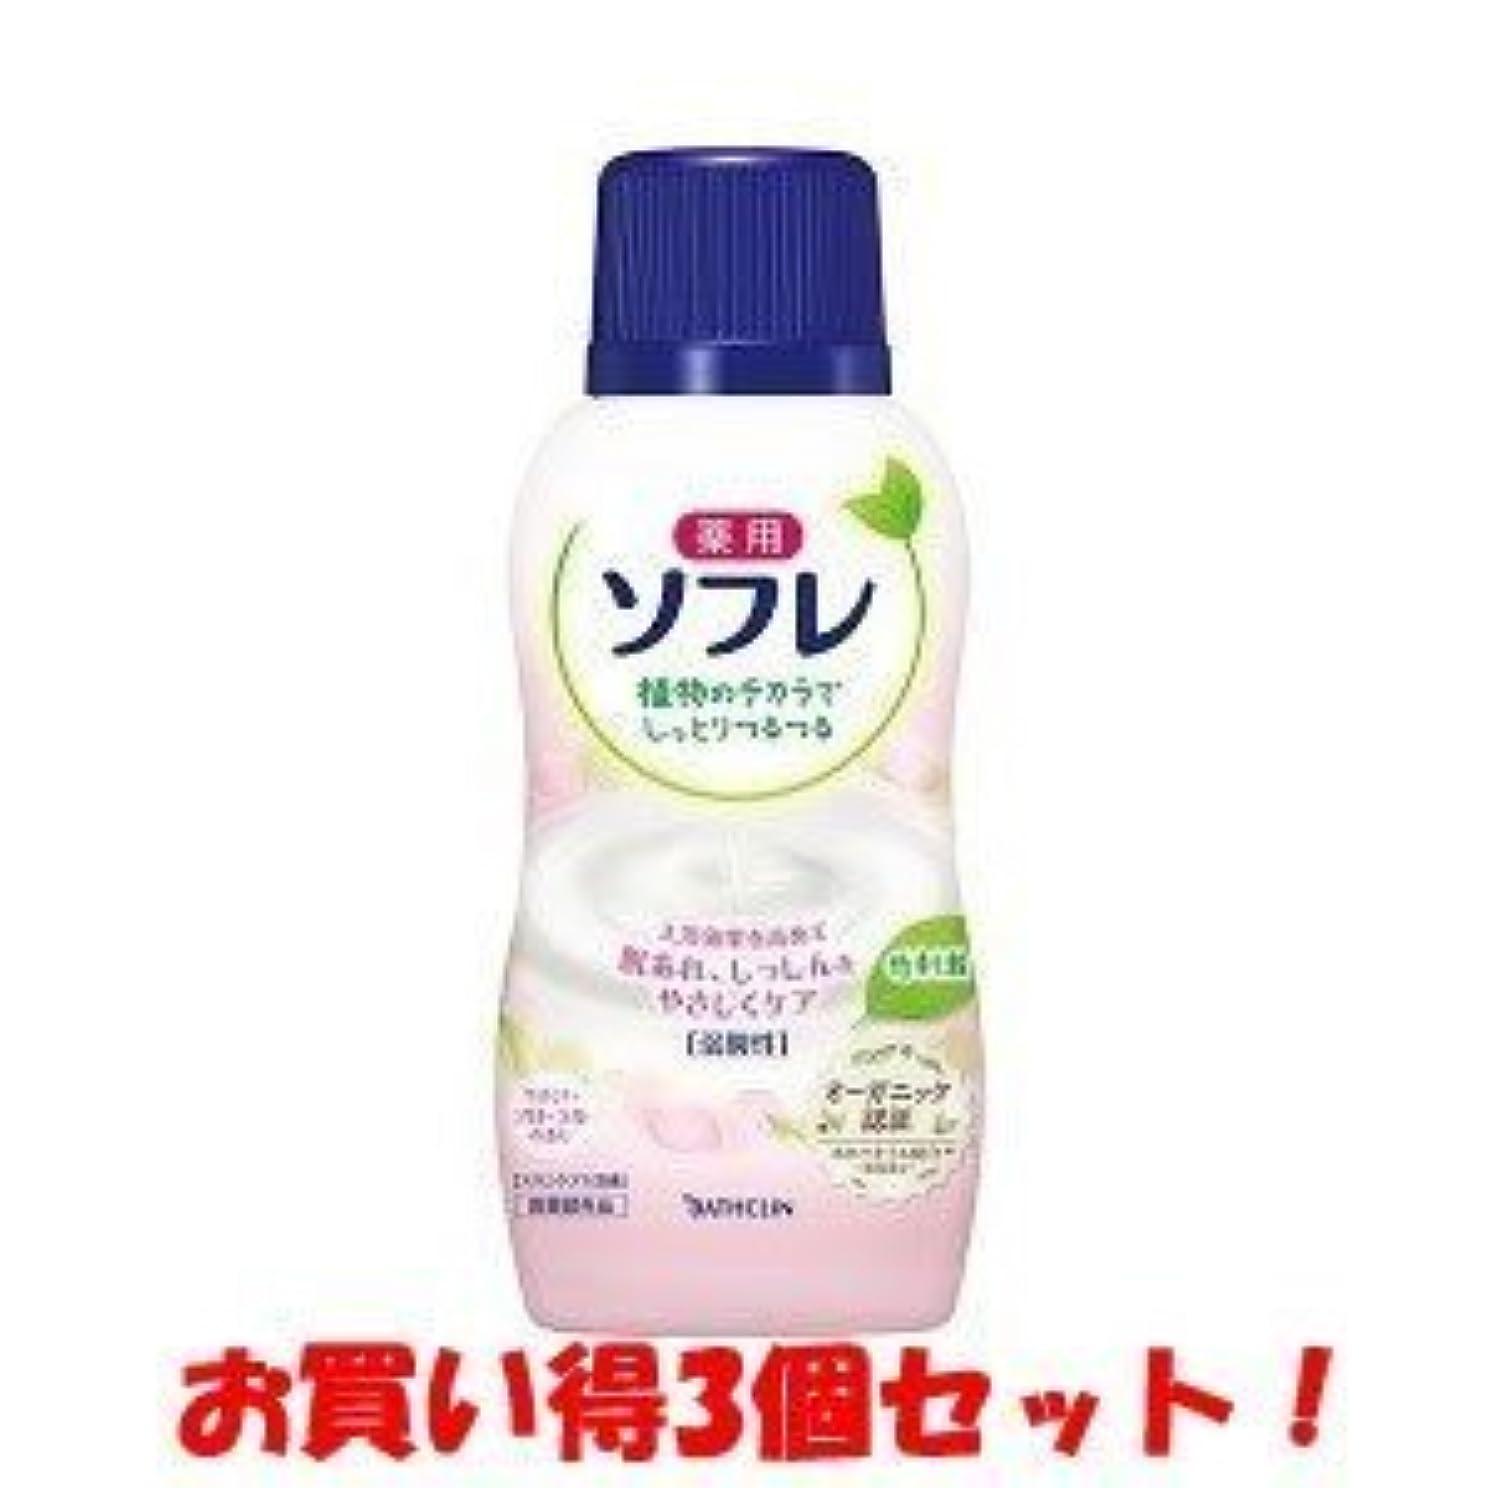 メイトモック鈍い(バスクリン)薬用ソフレ スキンケア入浴液 やさしいフローラル香り 720ml(医薬部外品)(お買い得3個セット)